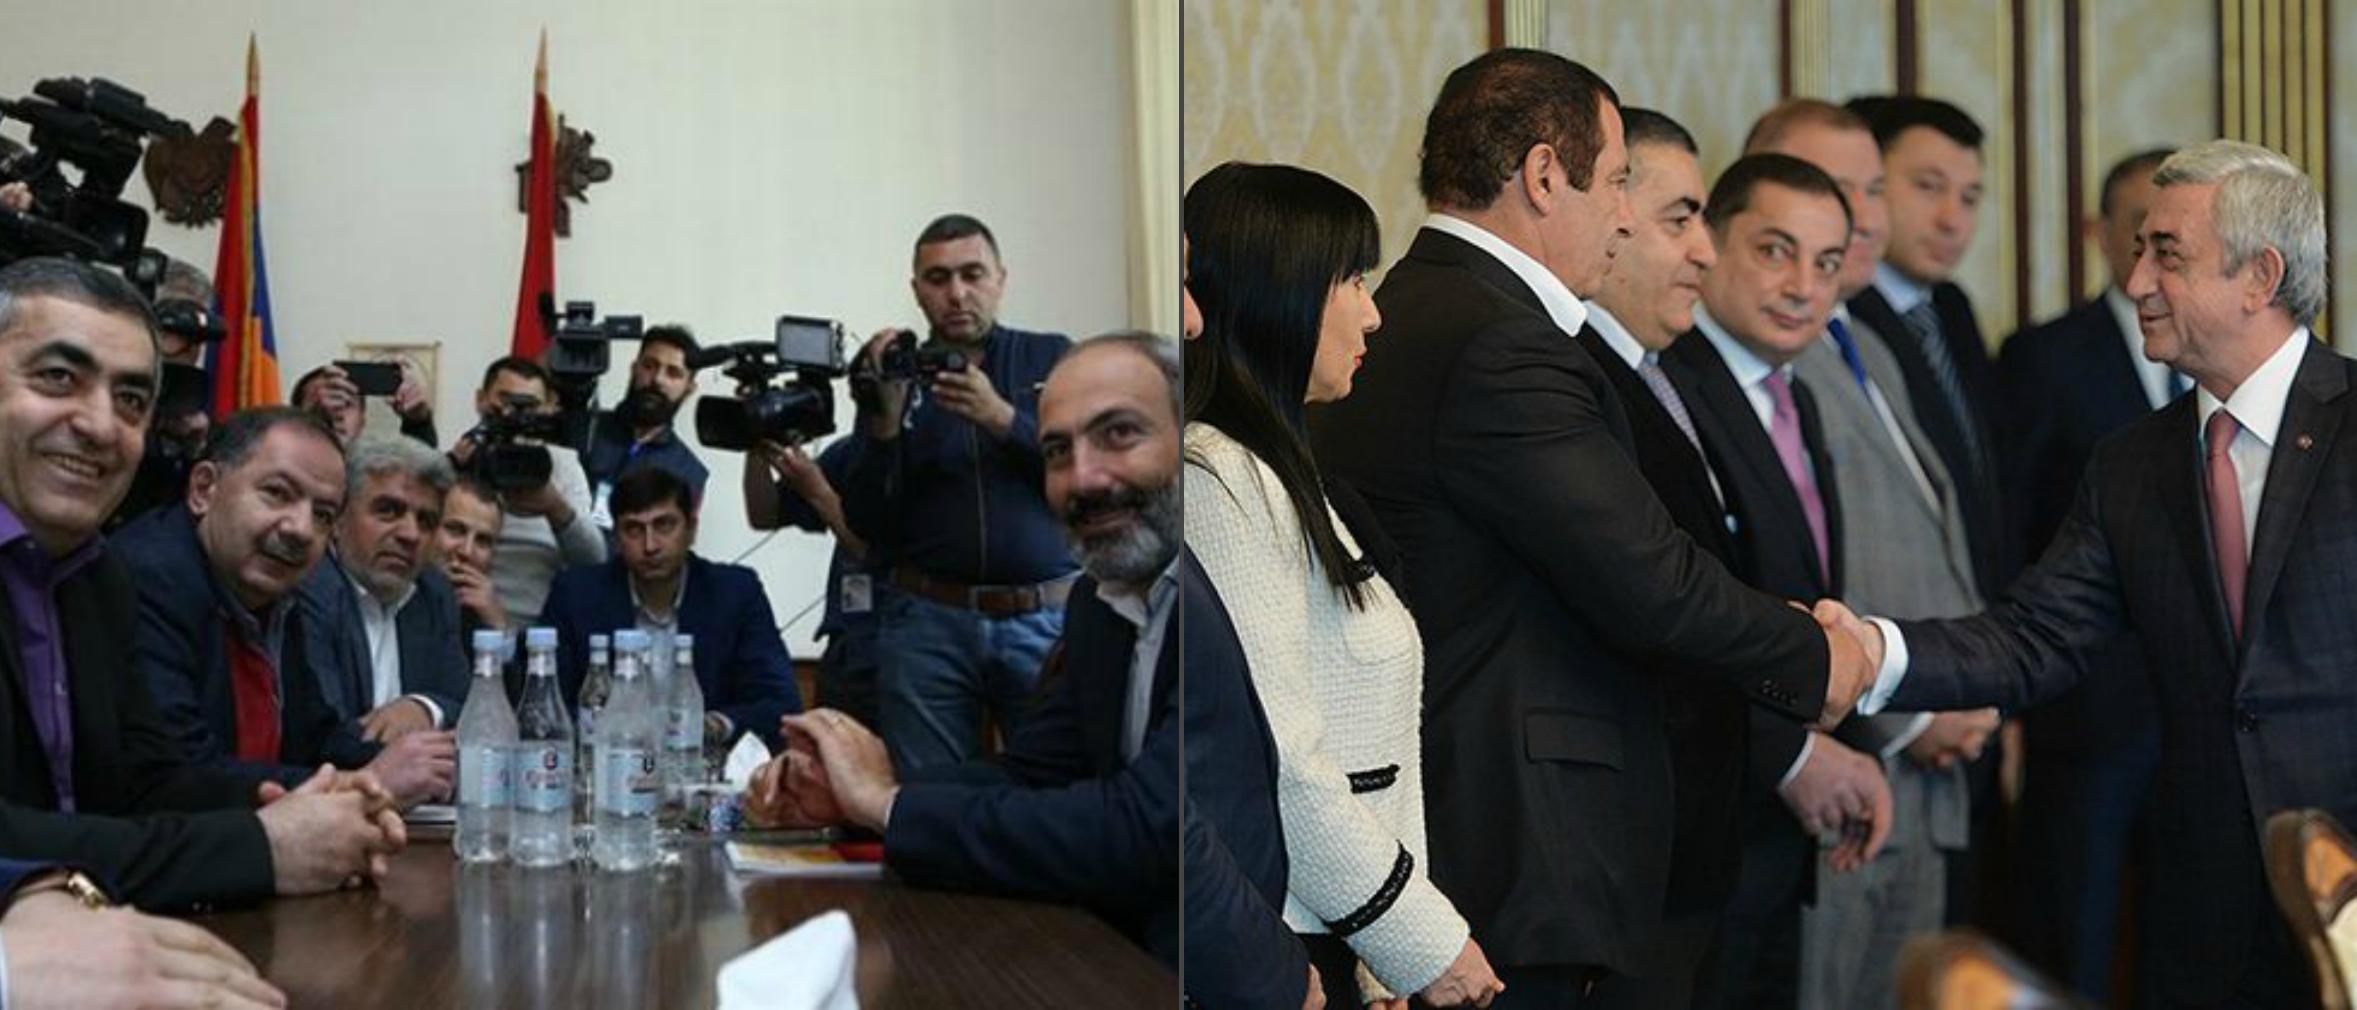 Photo of «Обе стороны стоят друг друга, в результате мы имеем сложившуюся сегодня в Армении катастрофическую ситуацию». Политолог С. Сароян